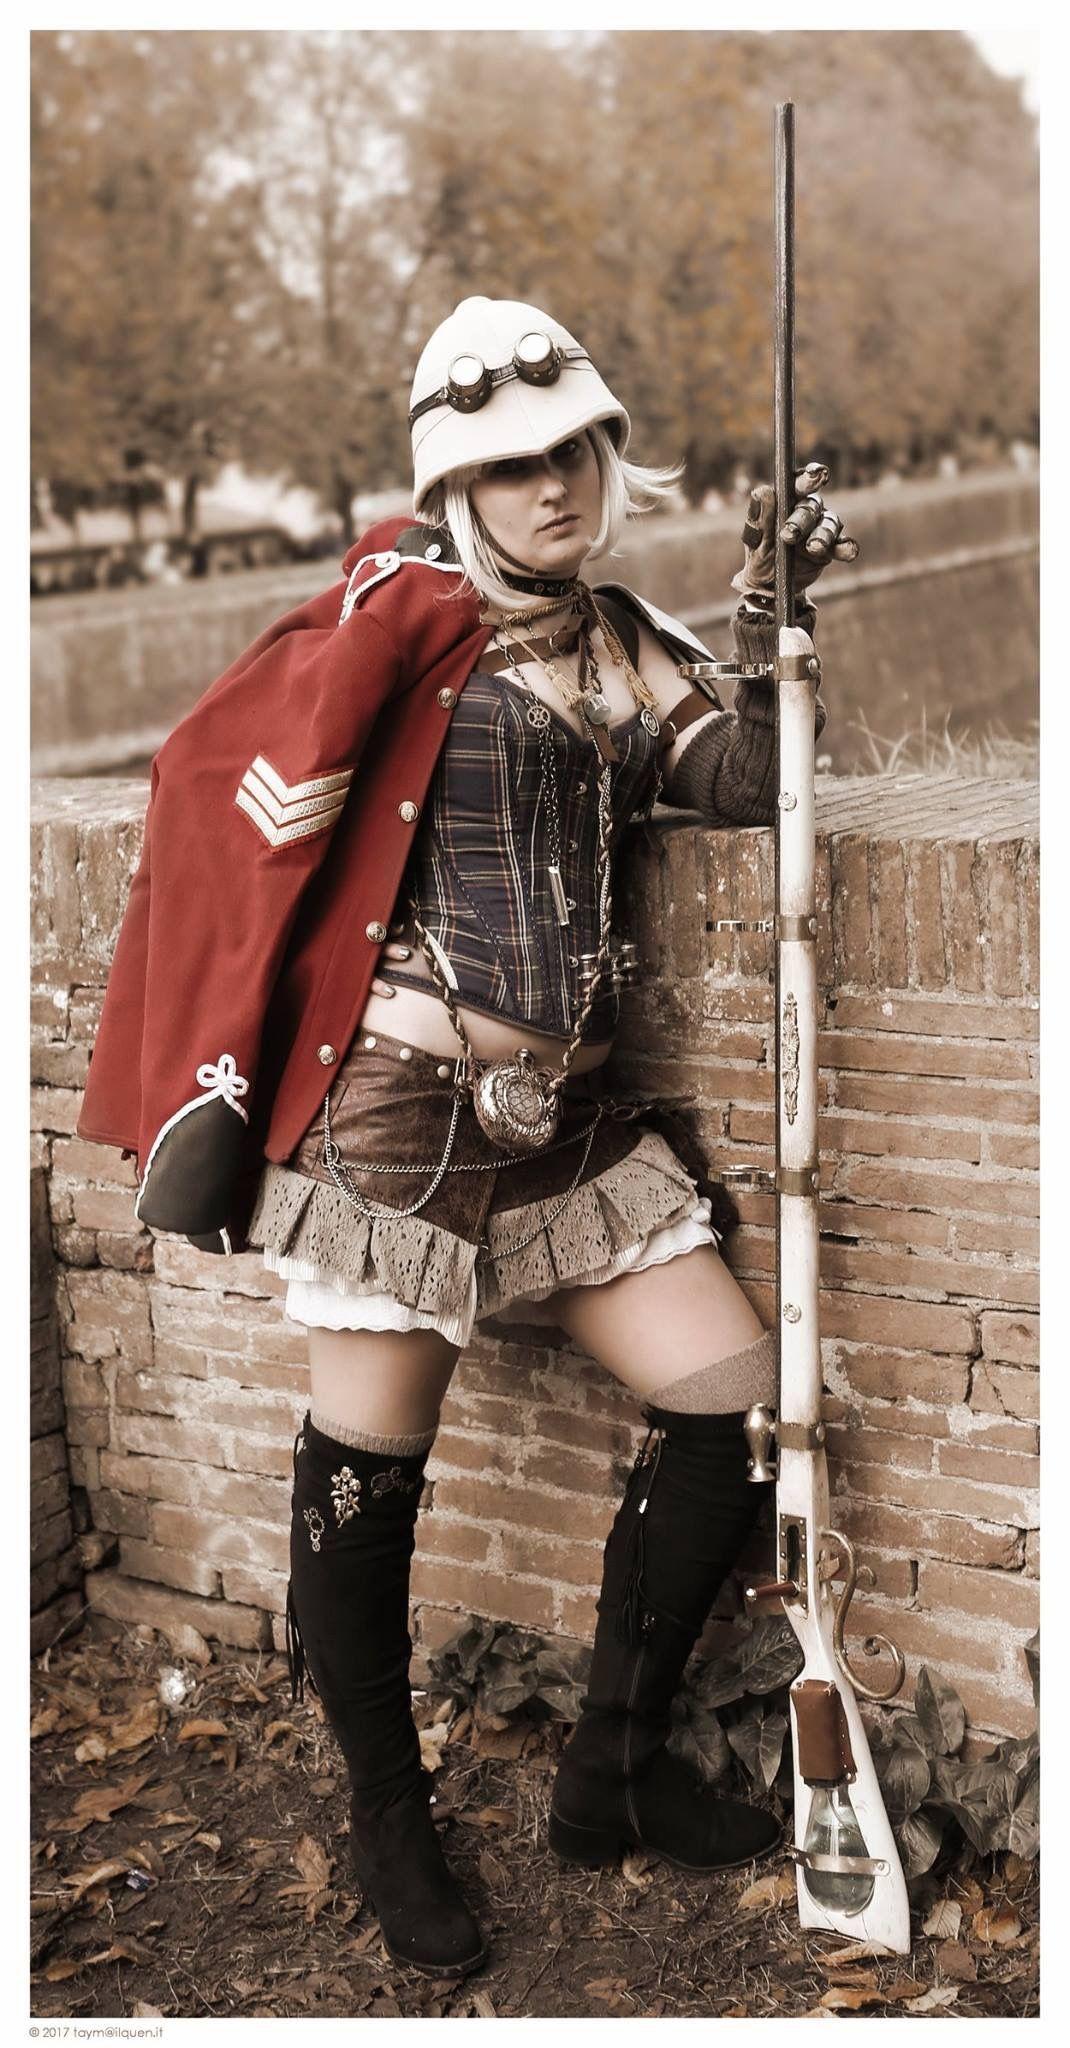 Militær stil Fashion Med OTK Socks og støvler-5340